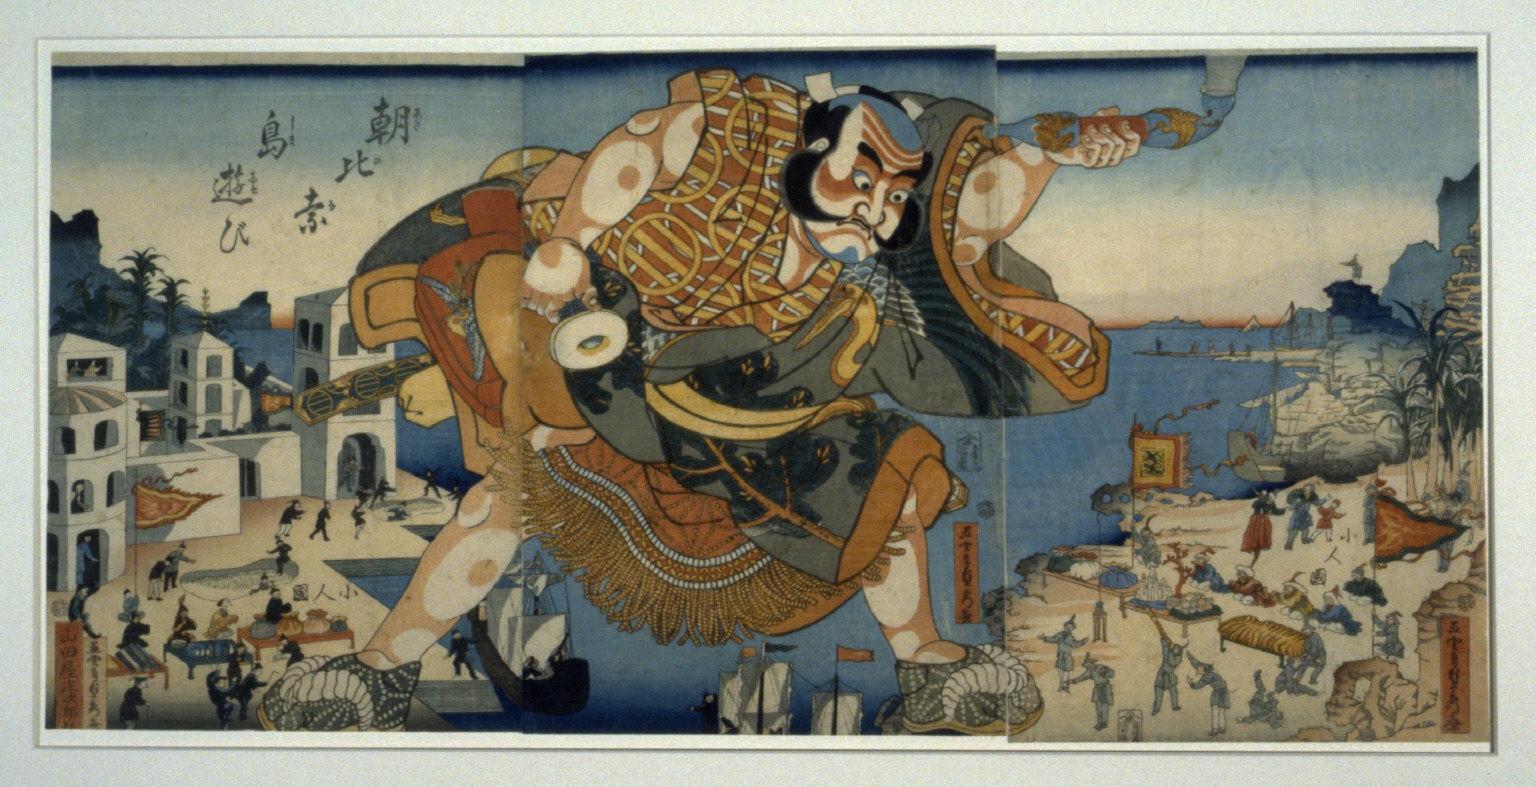 Kobayashi Asahina in the Land of the Pygmies